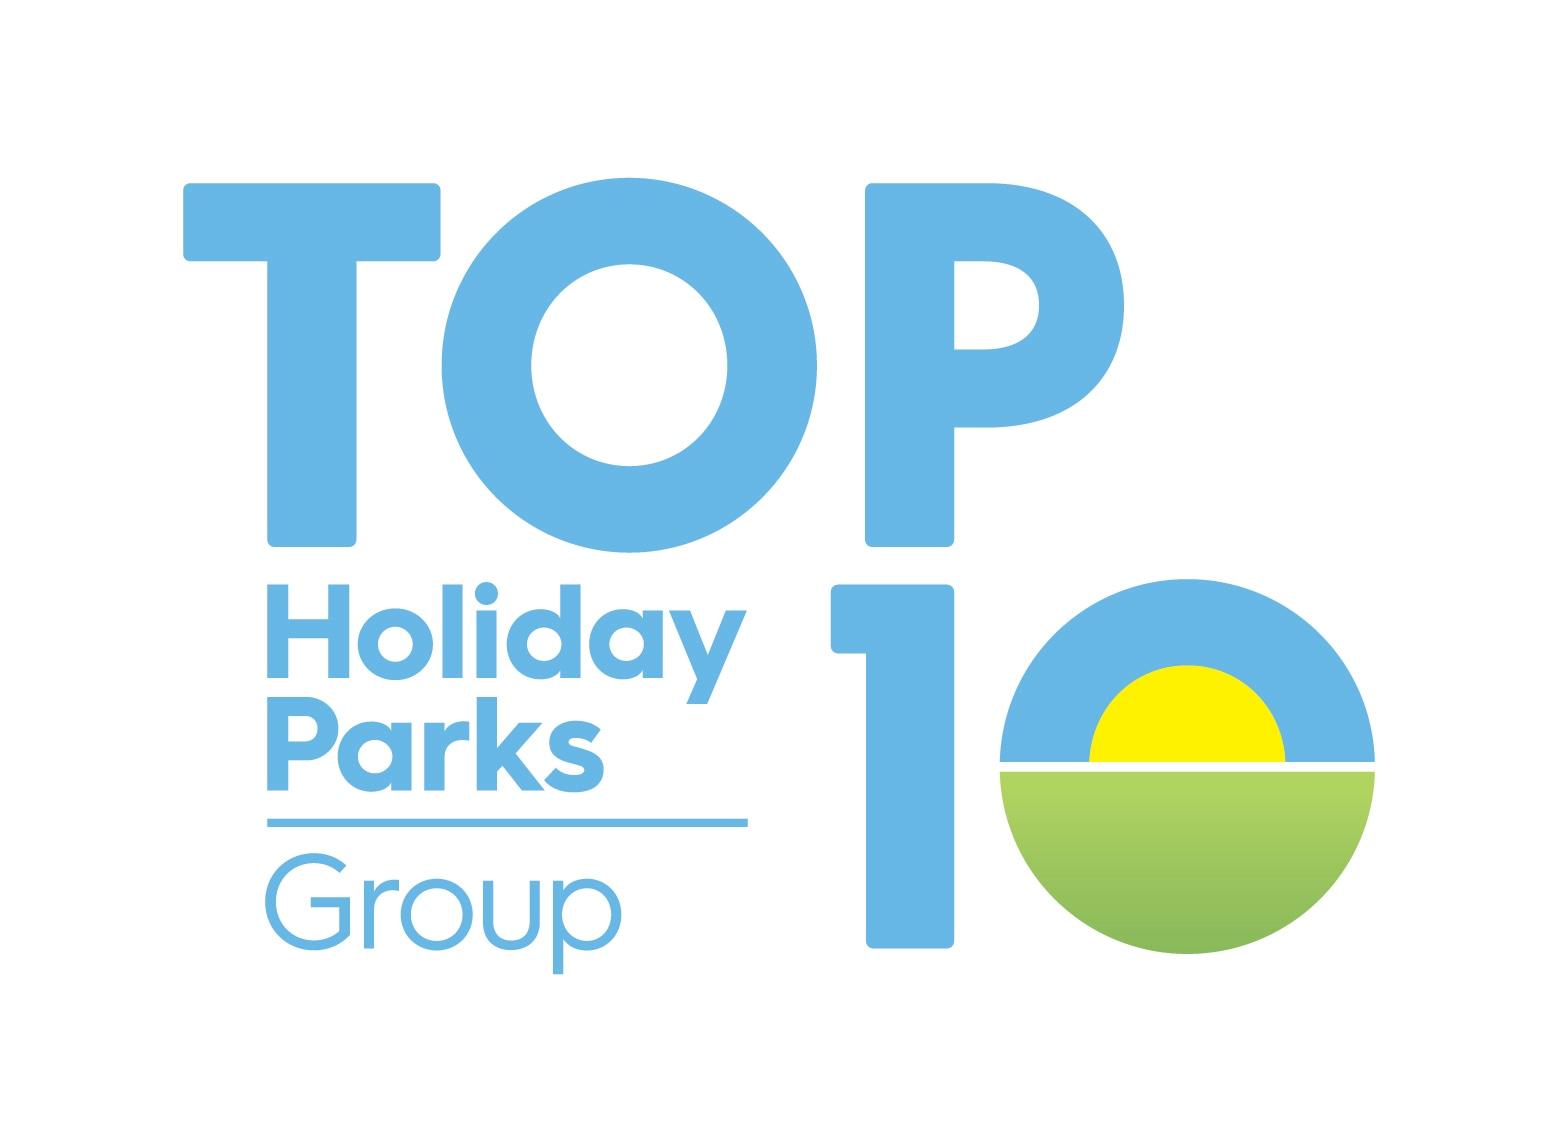 Top Ten Group of New Zealand